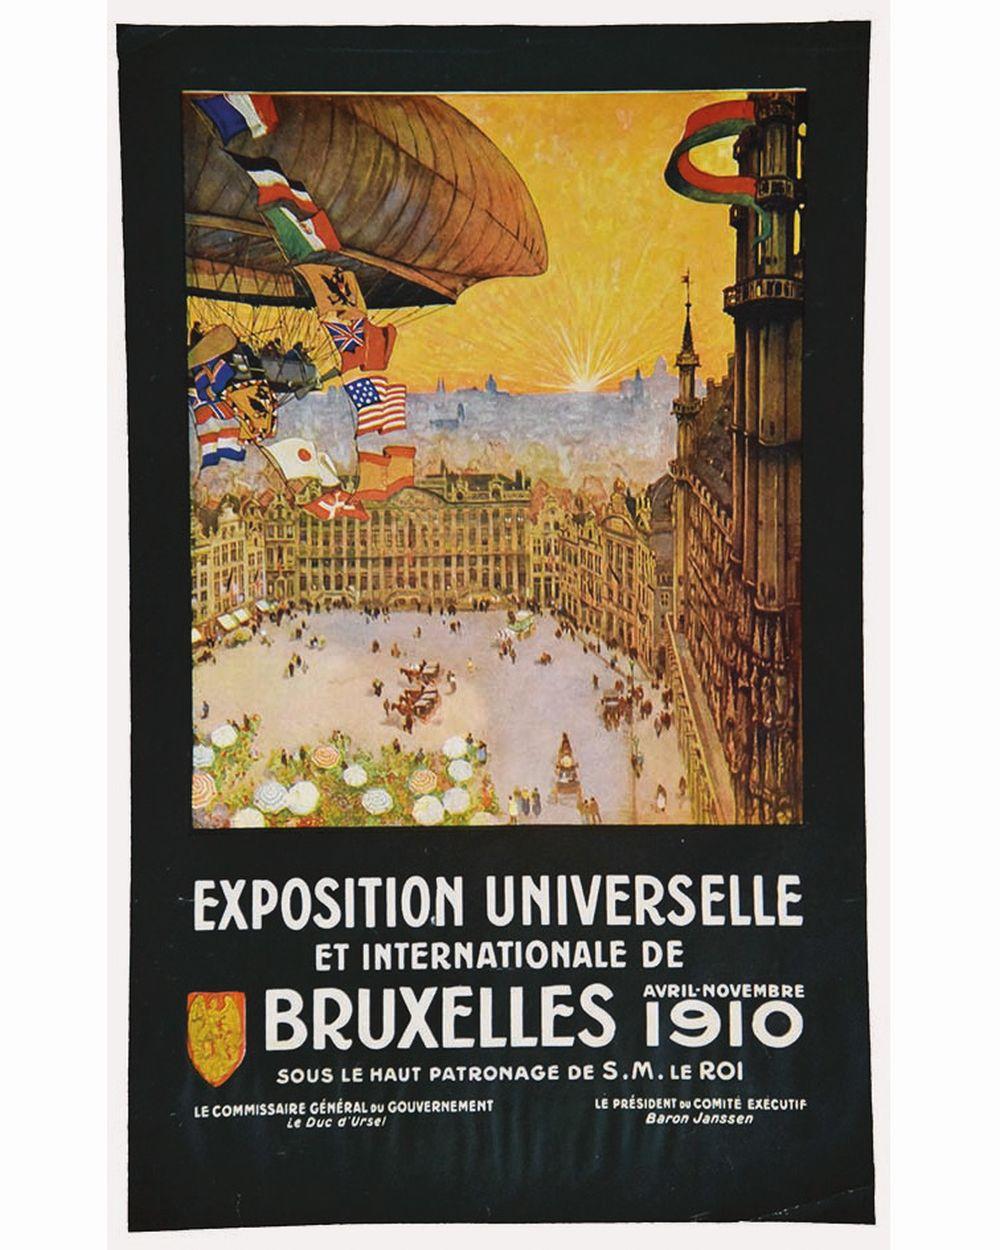 CASSIERS - Exposition Universelle et Internationale de Bruxelles - 1910 (Zeppelin)     1910